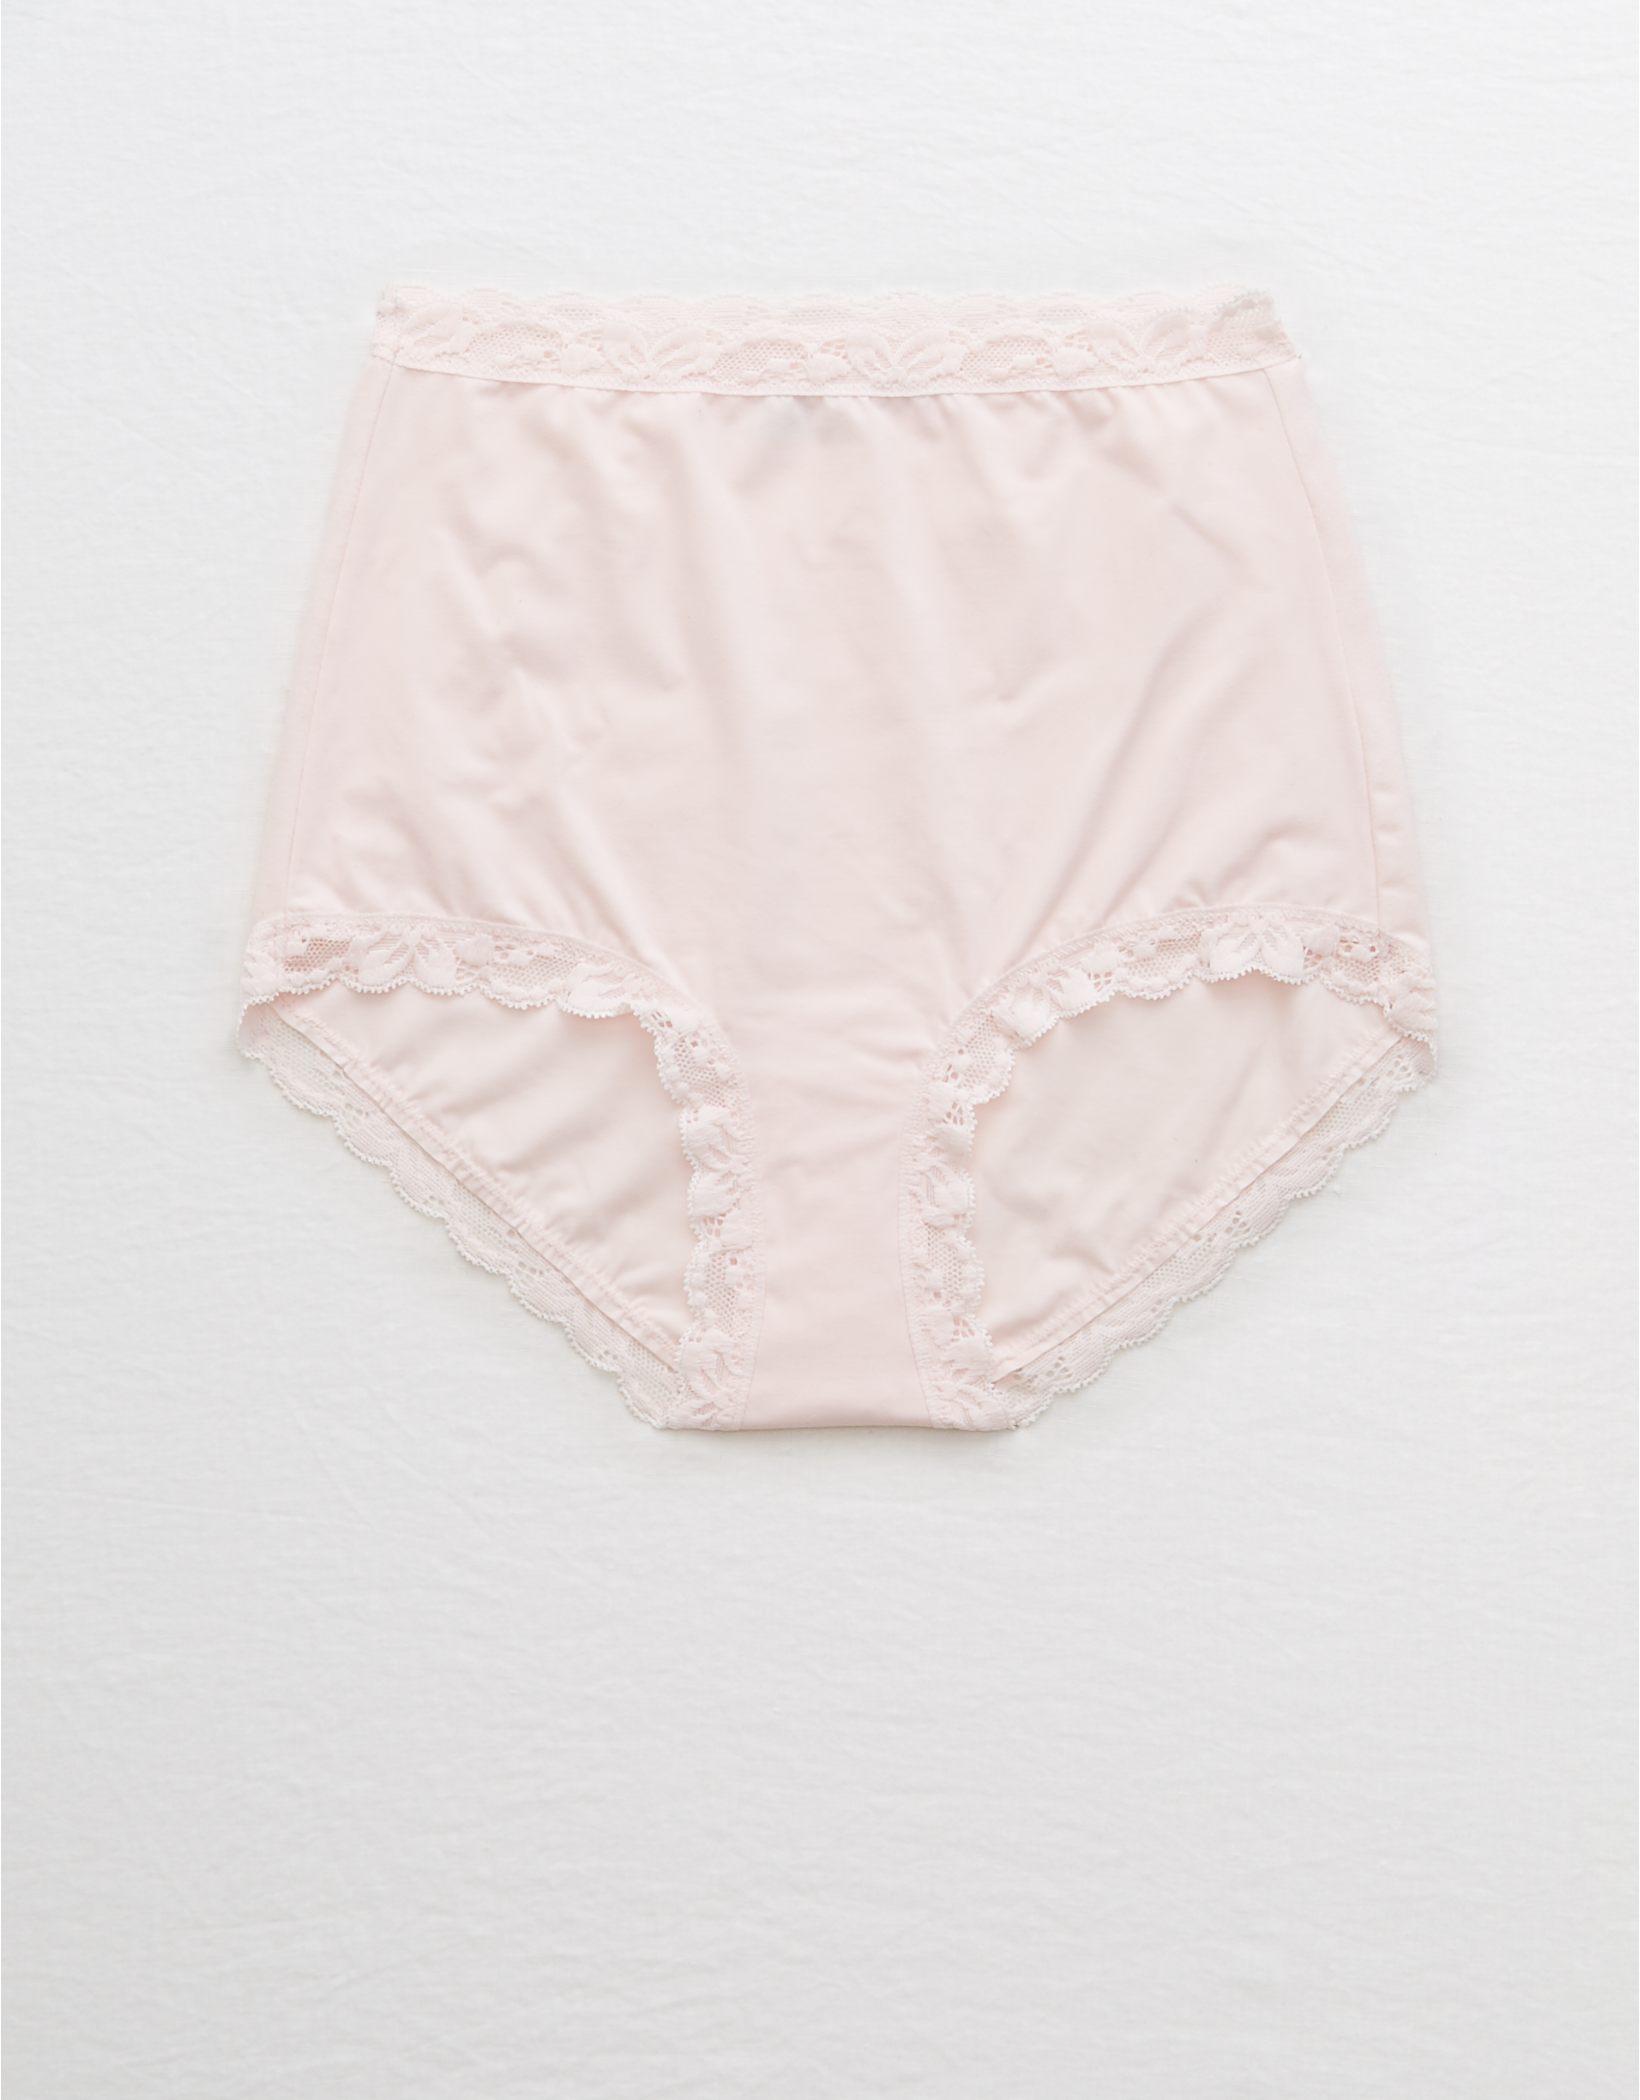 Aerie Sunnie High Waisted Boybrief Underwear